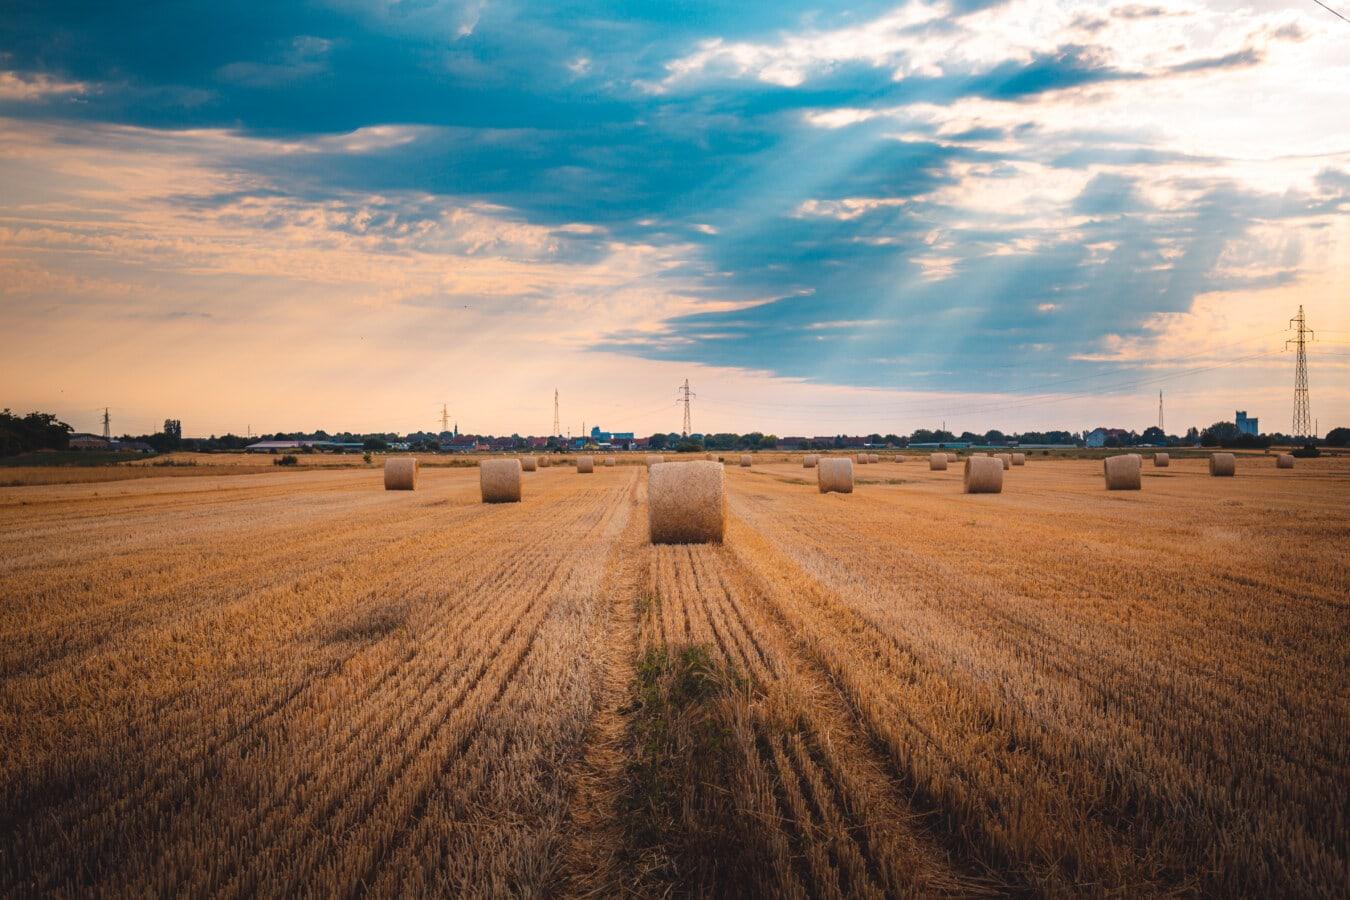 Heuhaufen, Heu-Feld, Sonnenschein, Sonnenstrahlen, sonnig, Harvest, Landwirtschaft, Feld, Landschaft, des ländlichen Raums